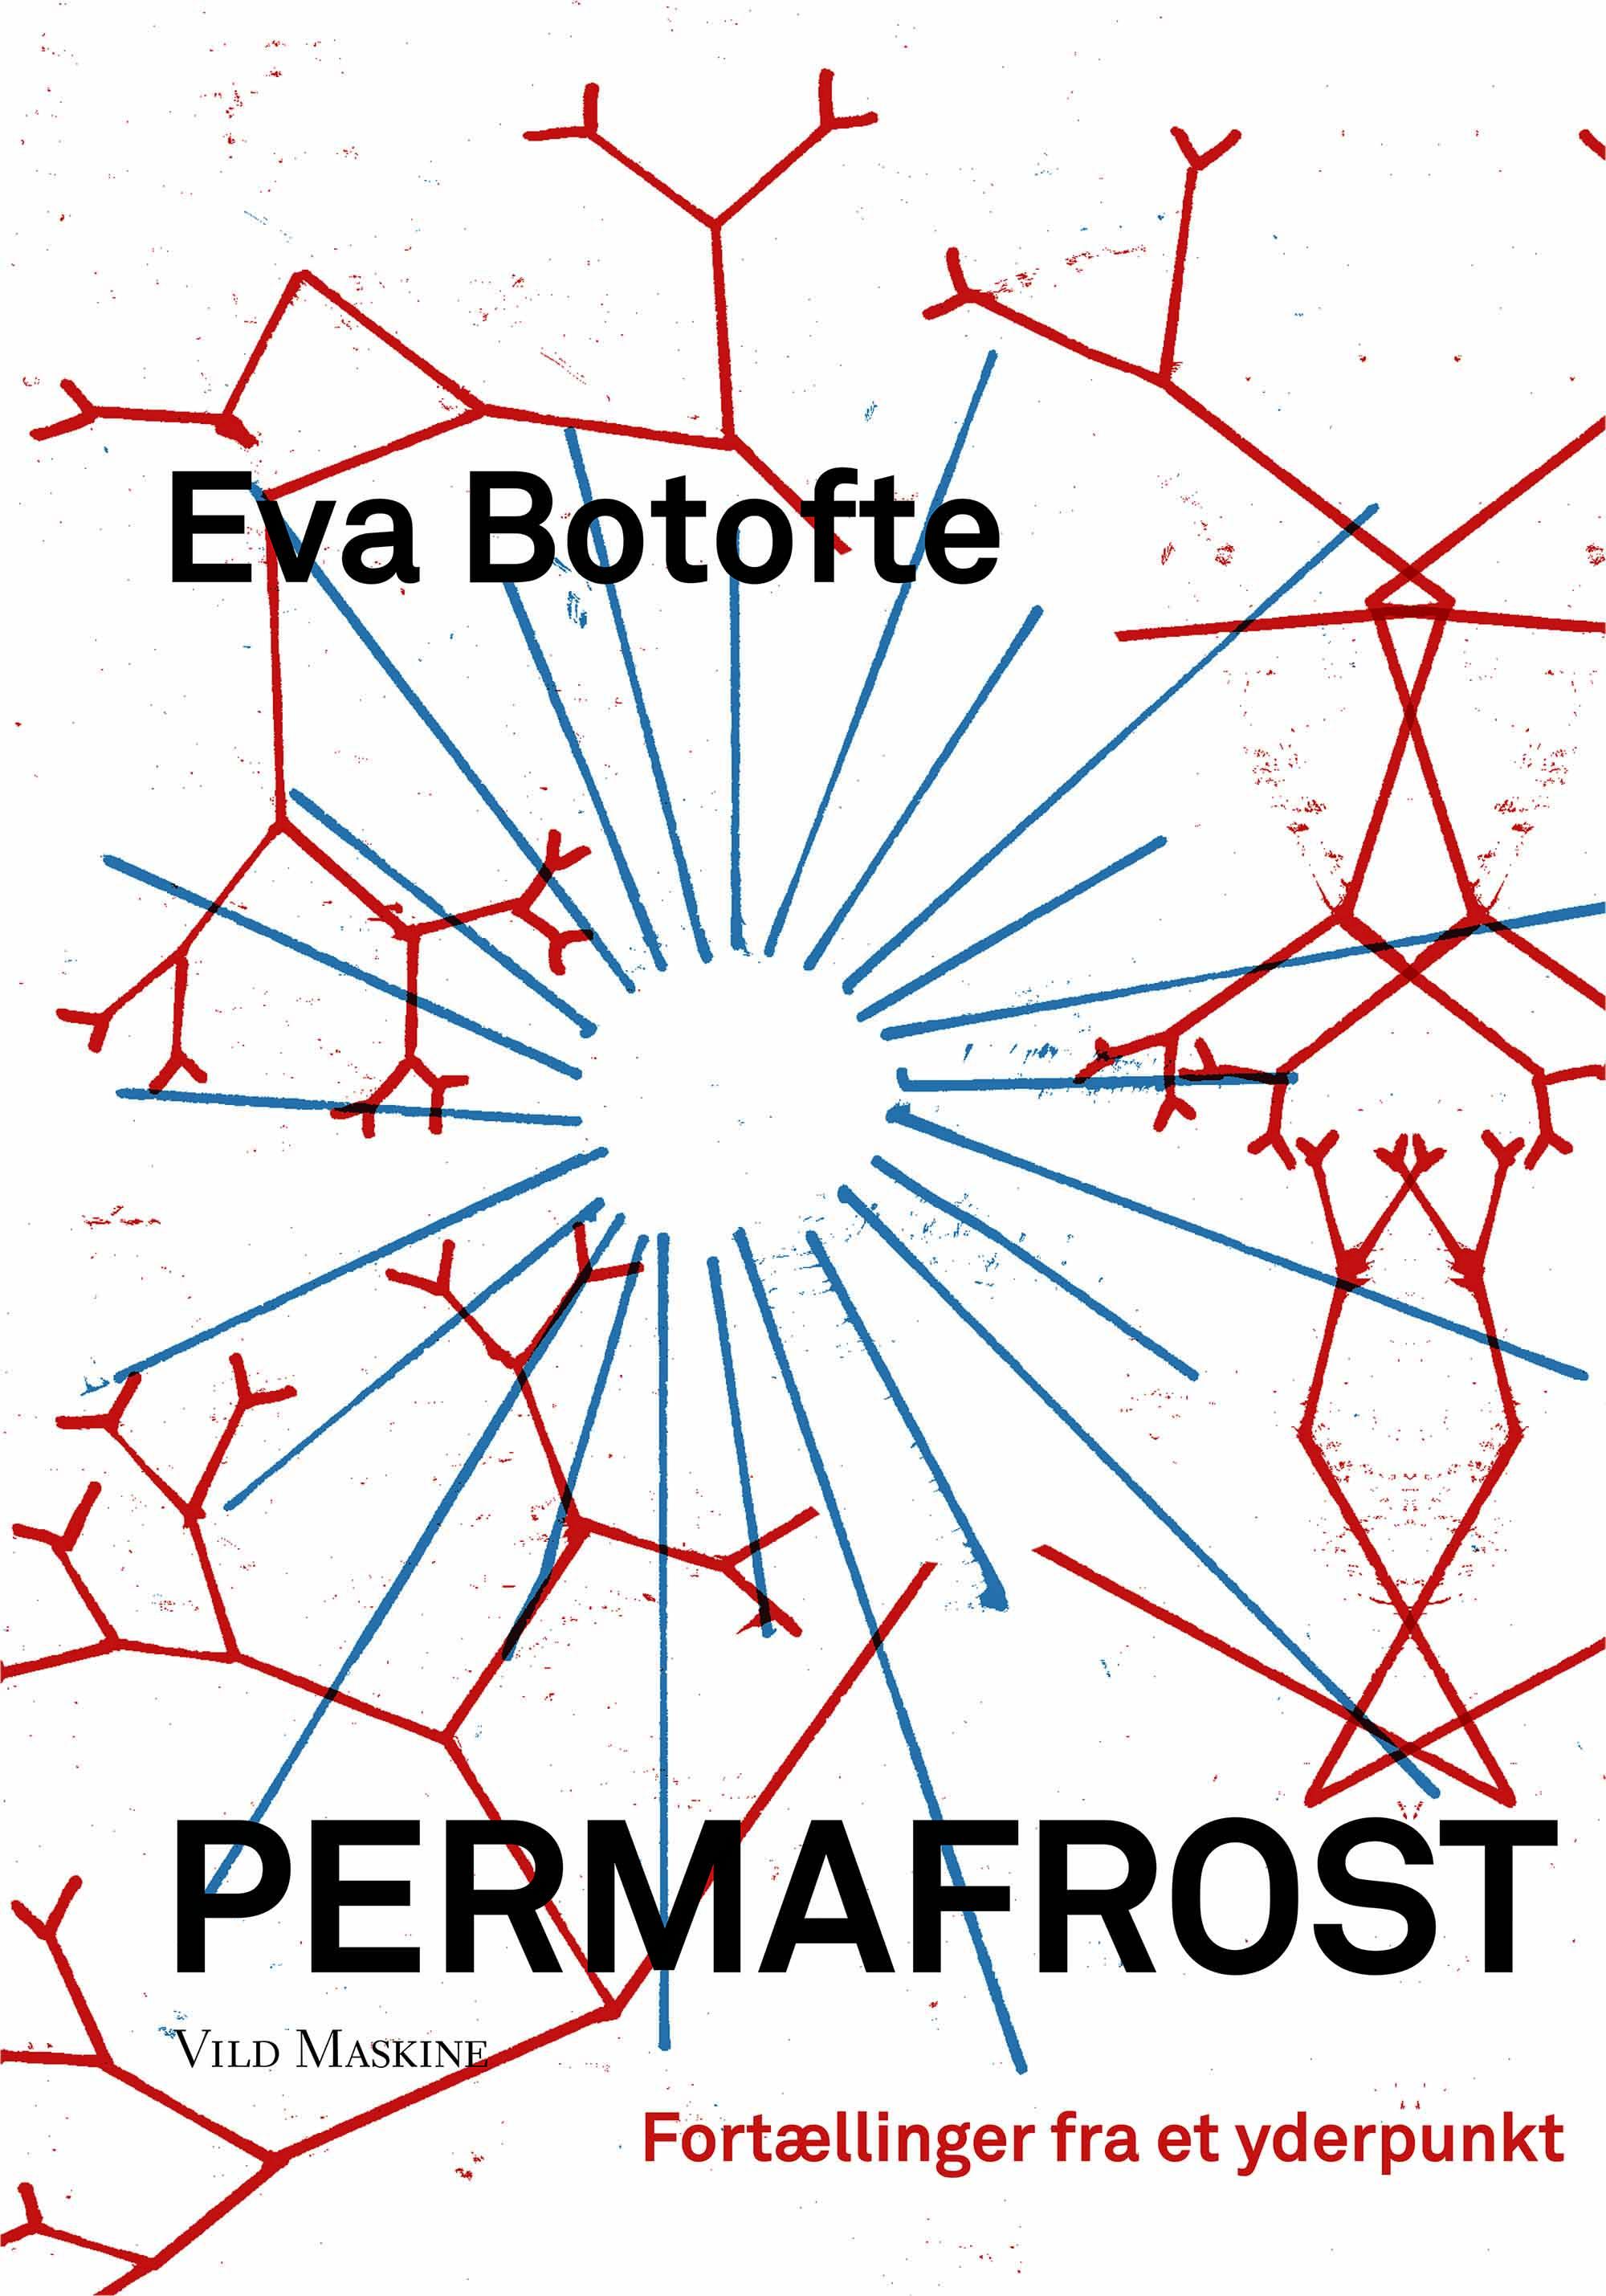 Grafik: Zven Balslev. Font: Karen Nøhr Christensen.